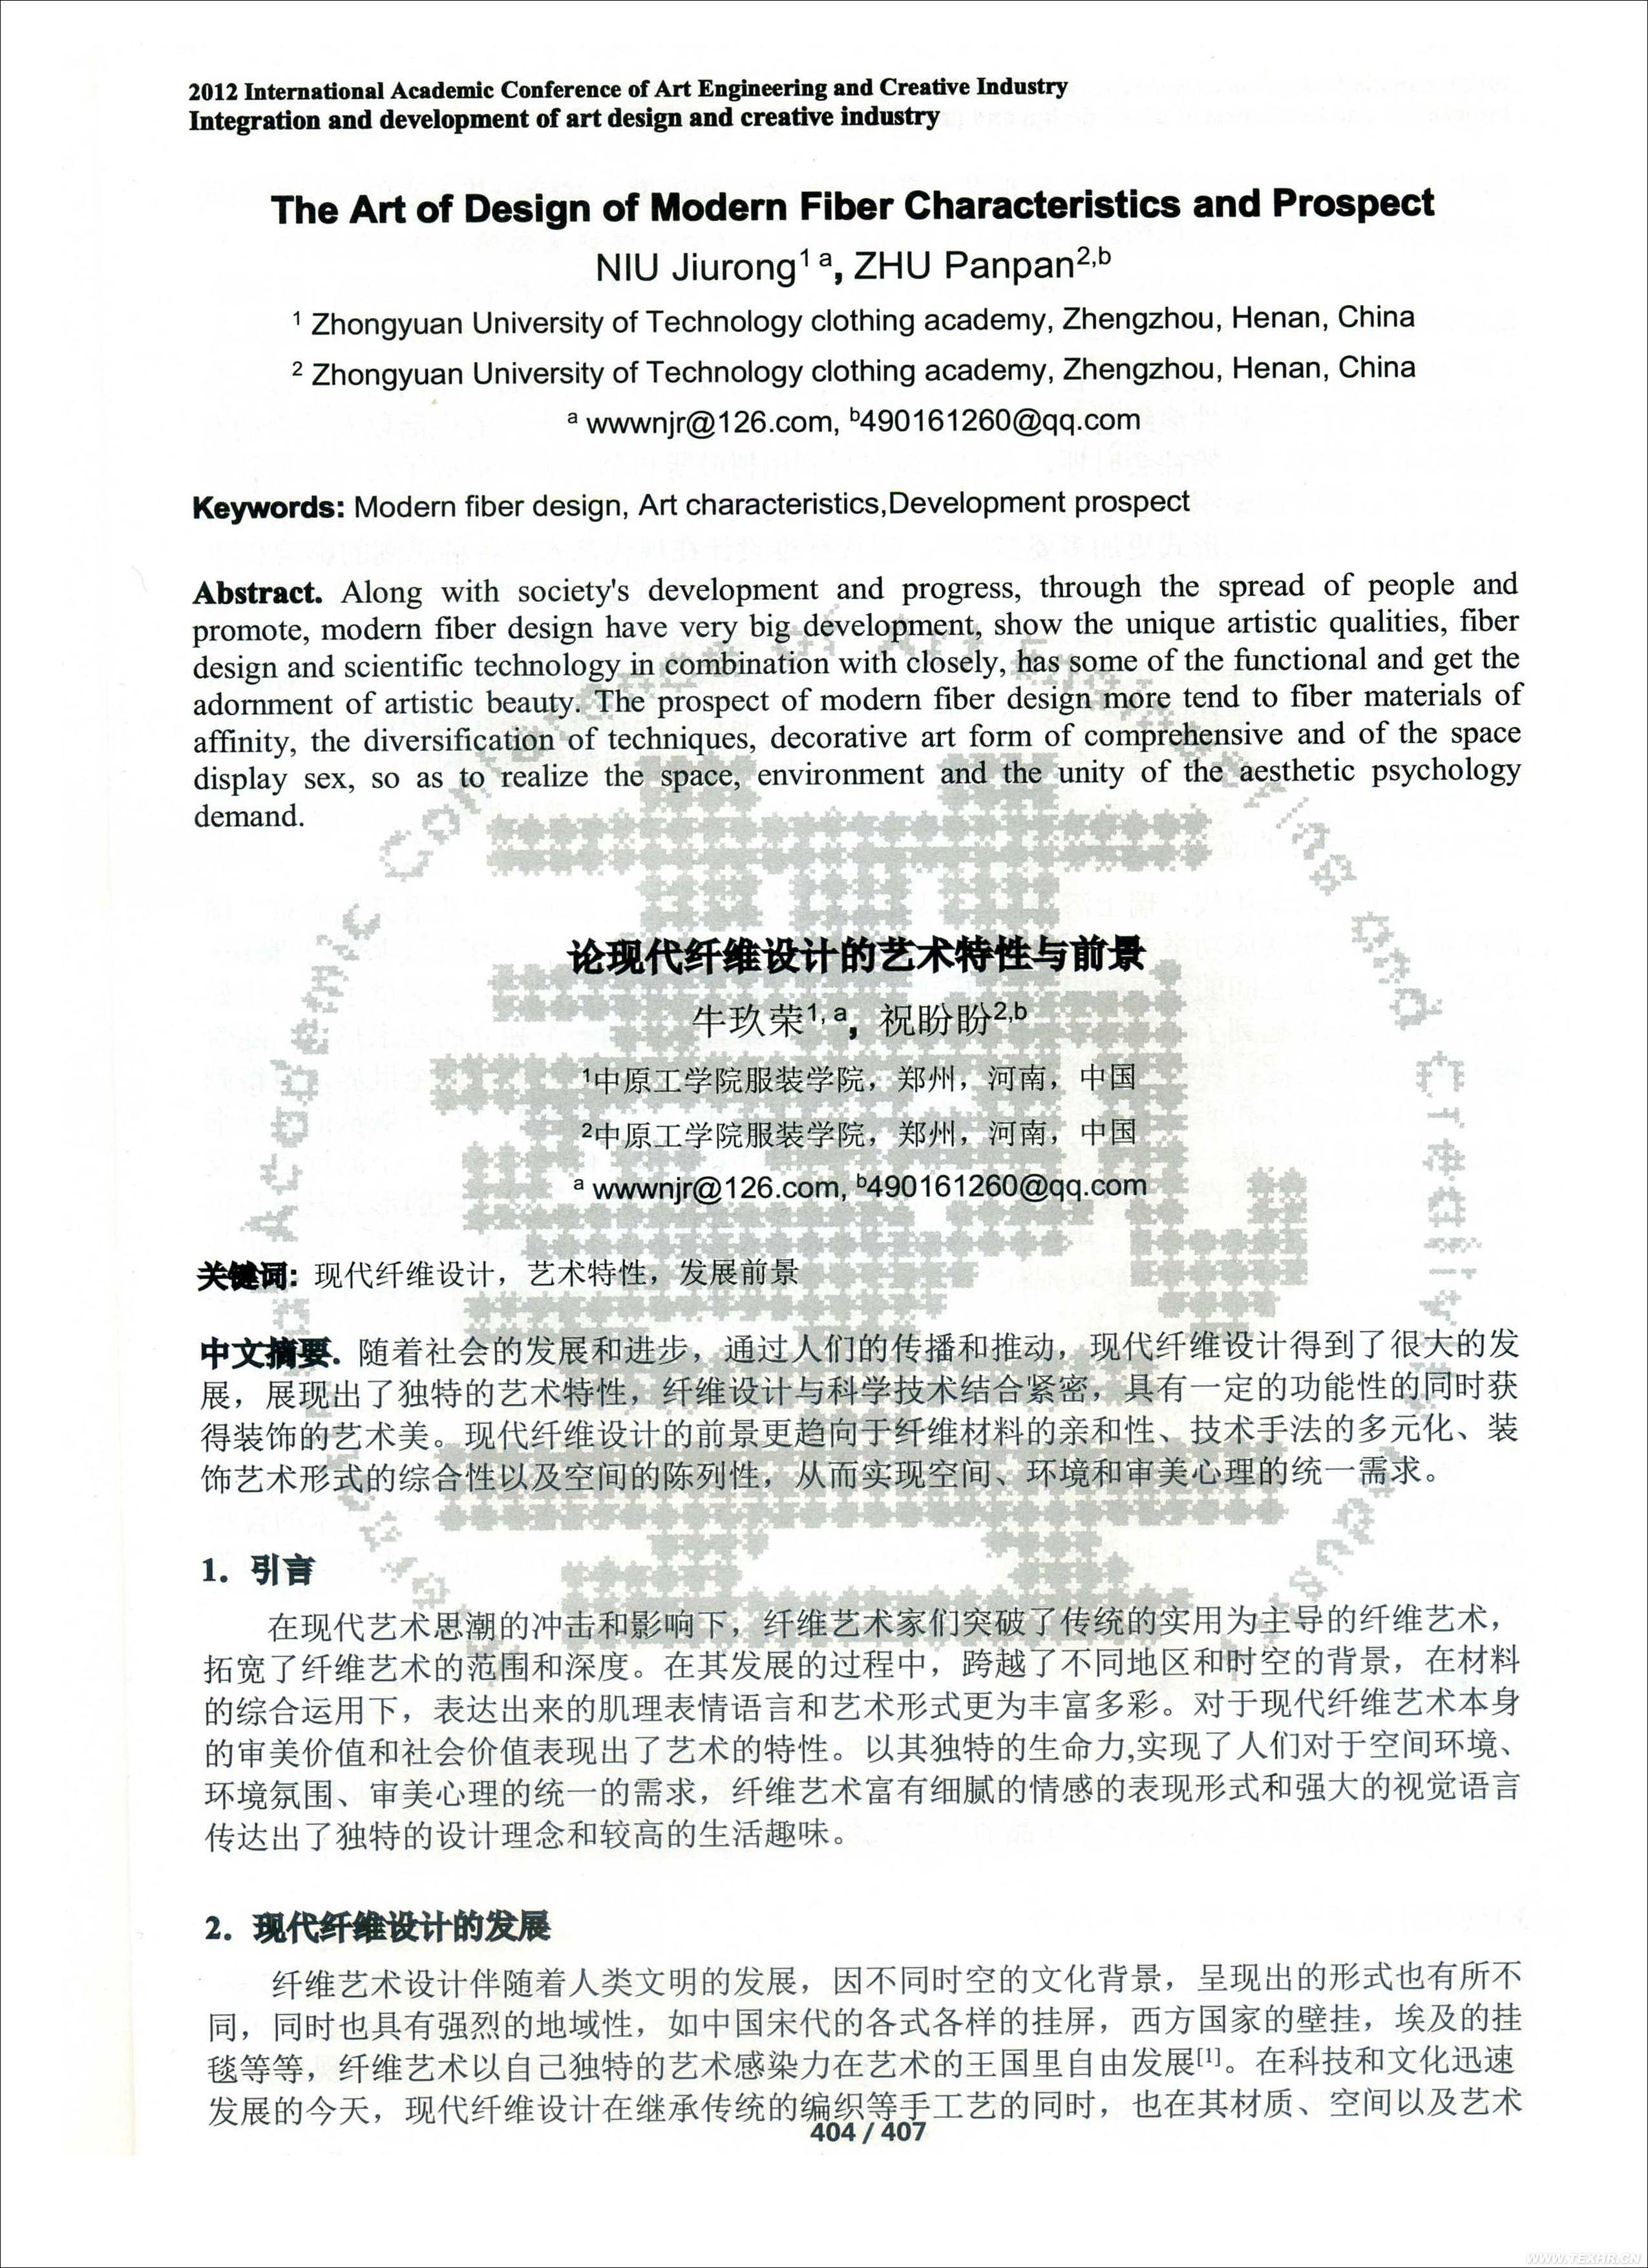 """国际会议论文 论文 2012年艺术工学与创新产业国际会议(iacae 212) """"论现代纤维设计的艺术特性与前景"""""""